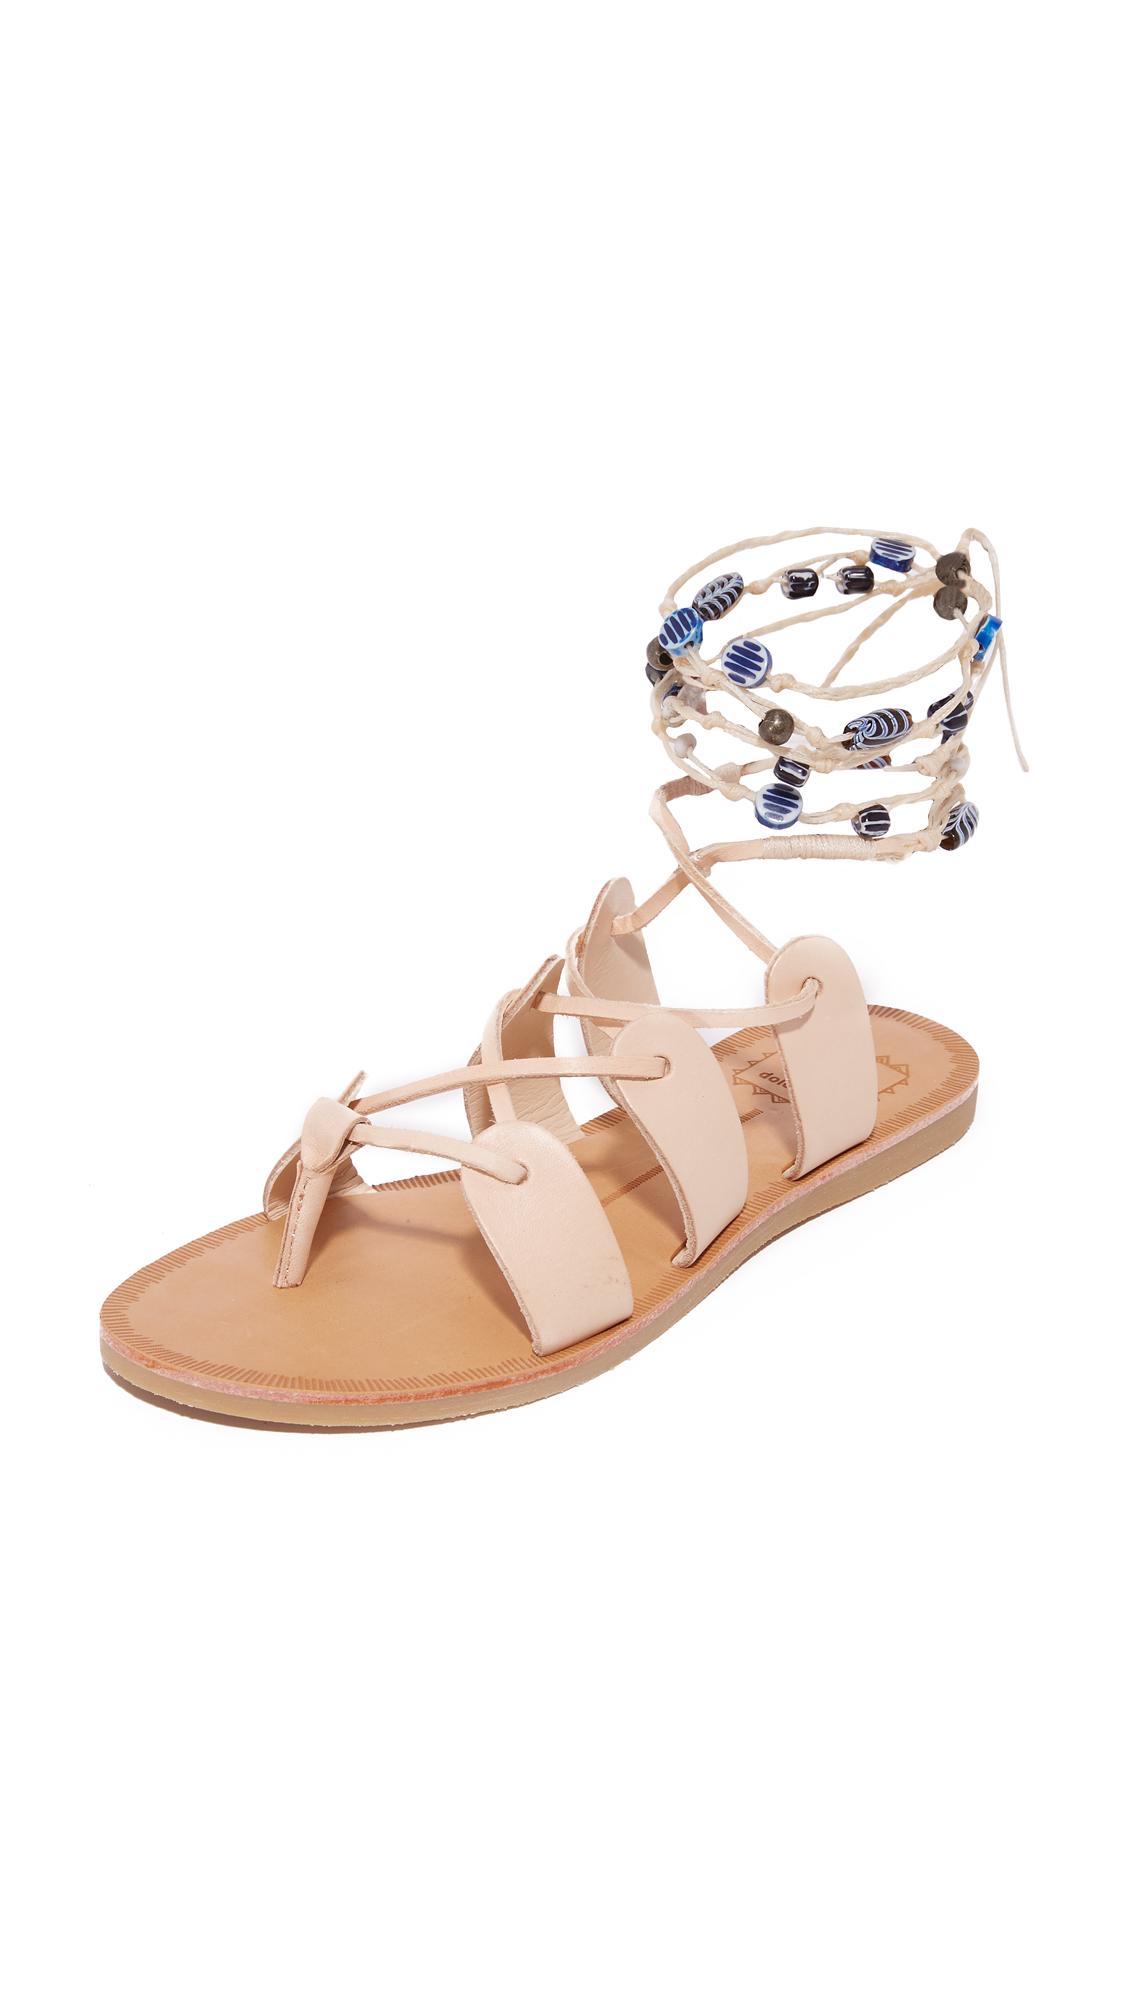 Dolce Vita Jalen Gladiator Sandals - Nude at Shopbop